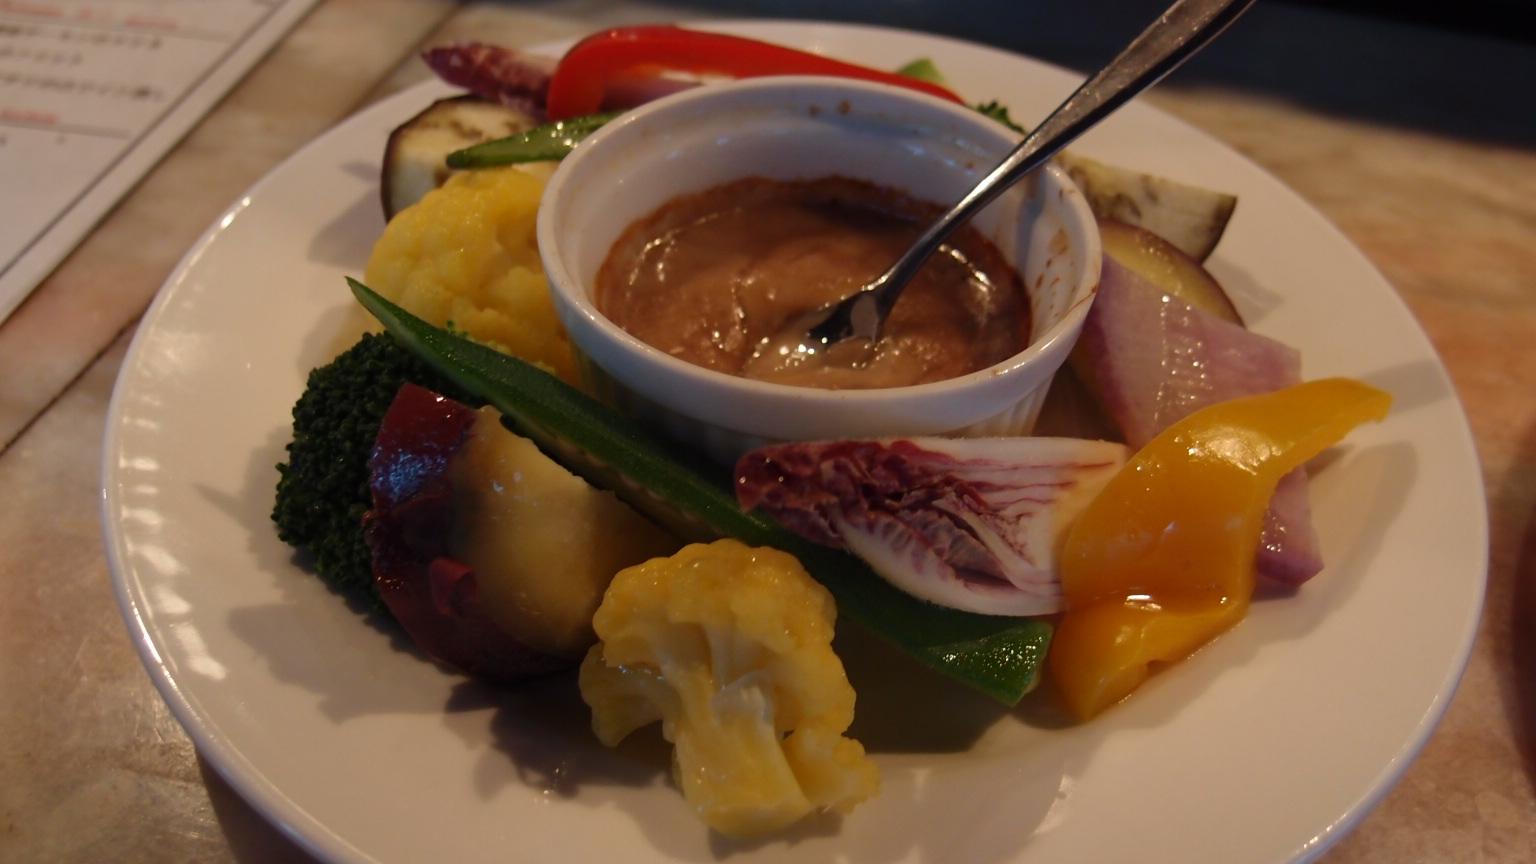 銀座 VAPEUR 季節野菜のヴァプール他